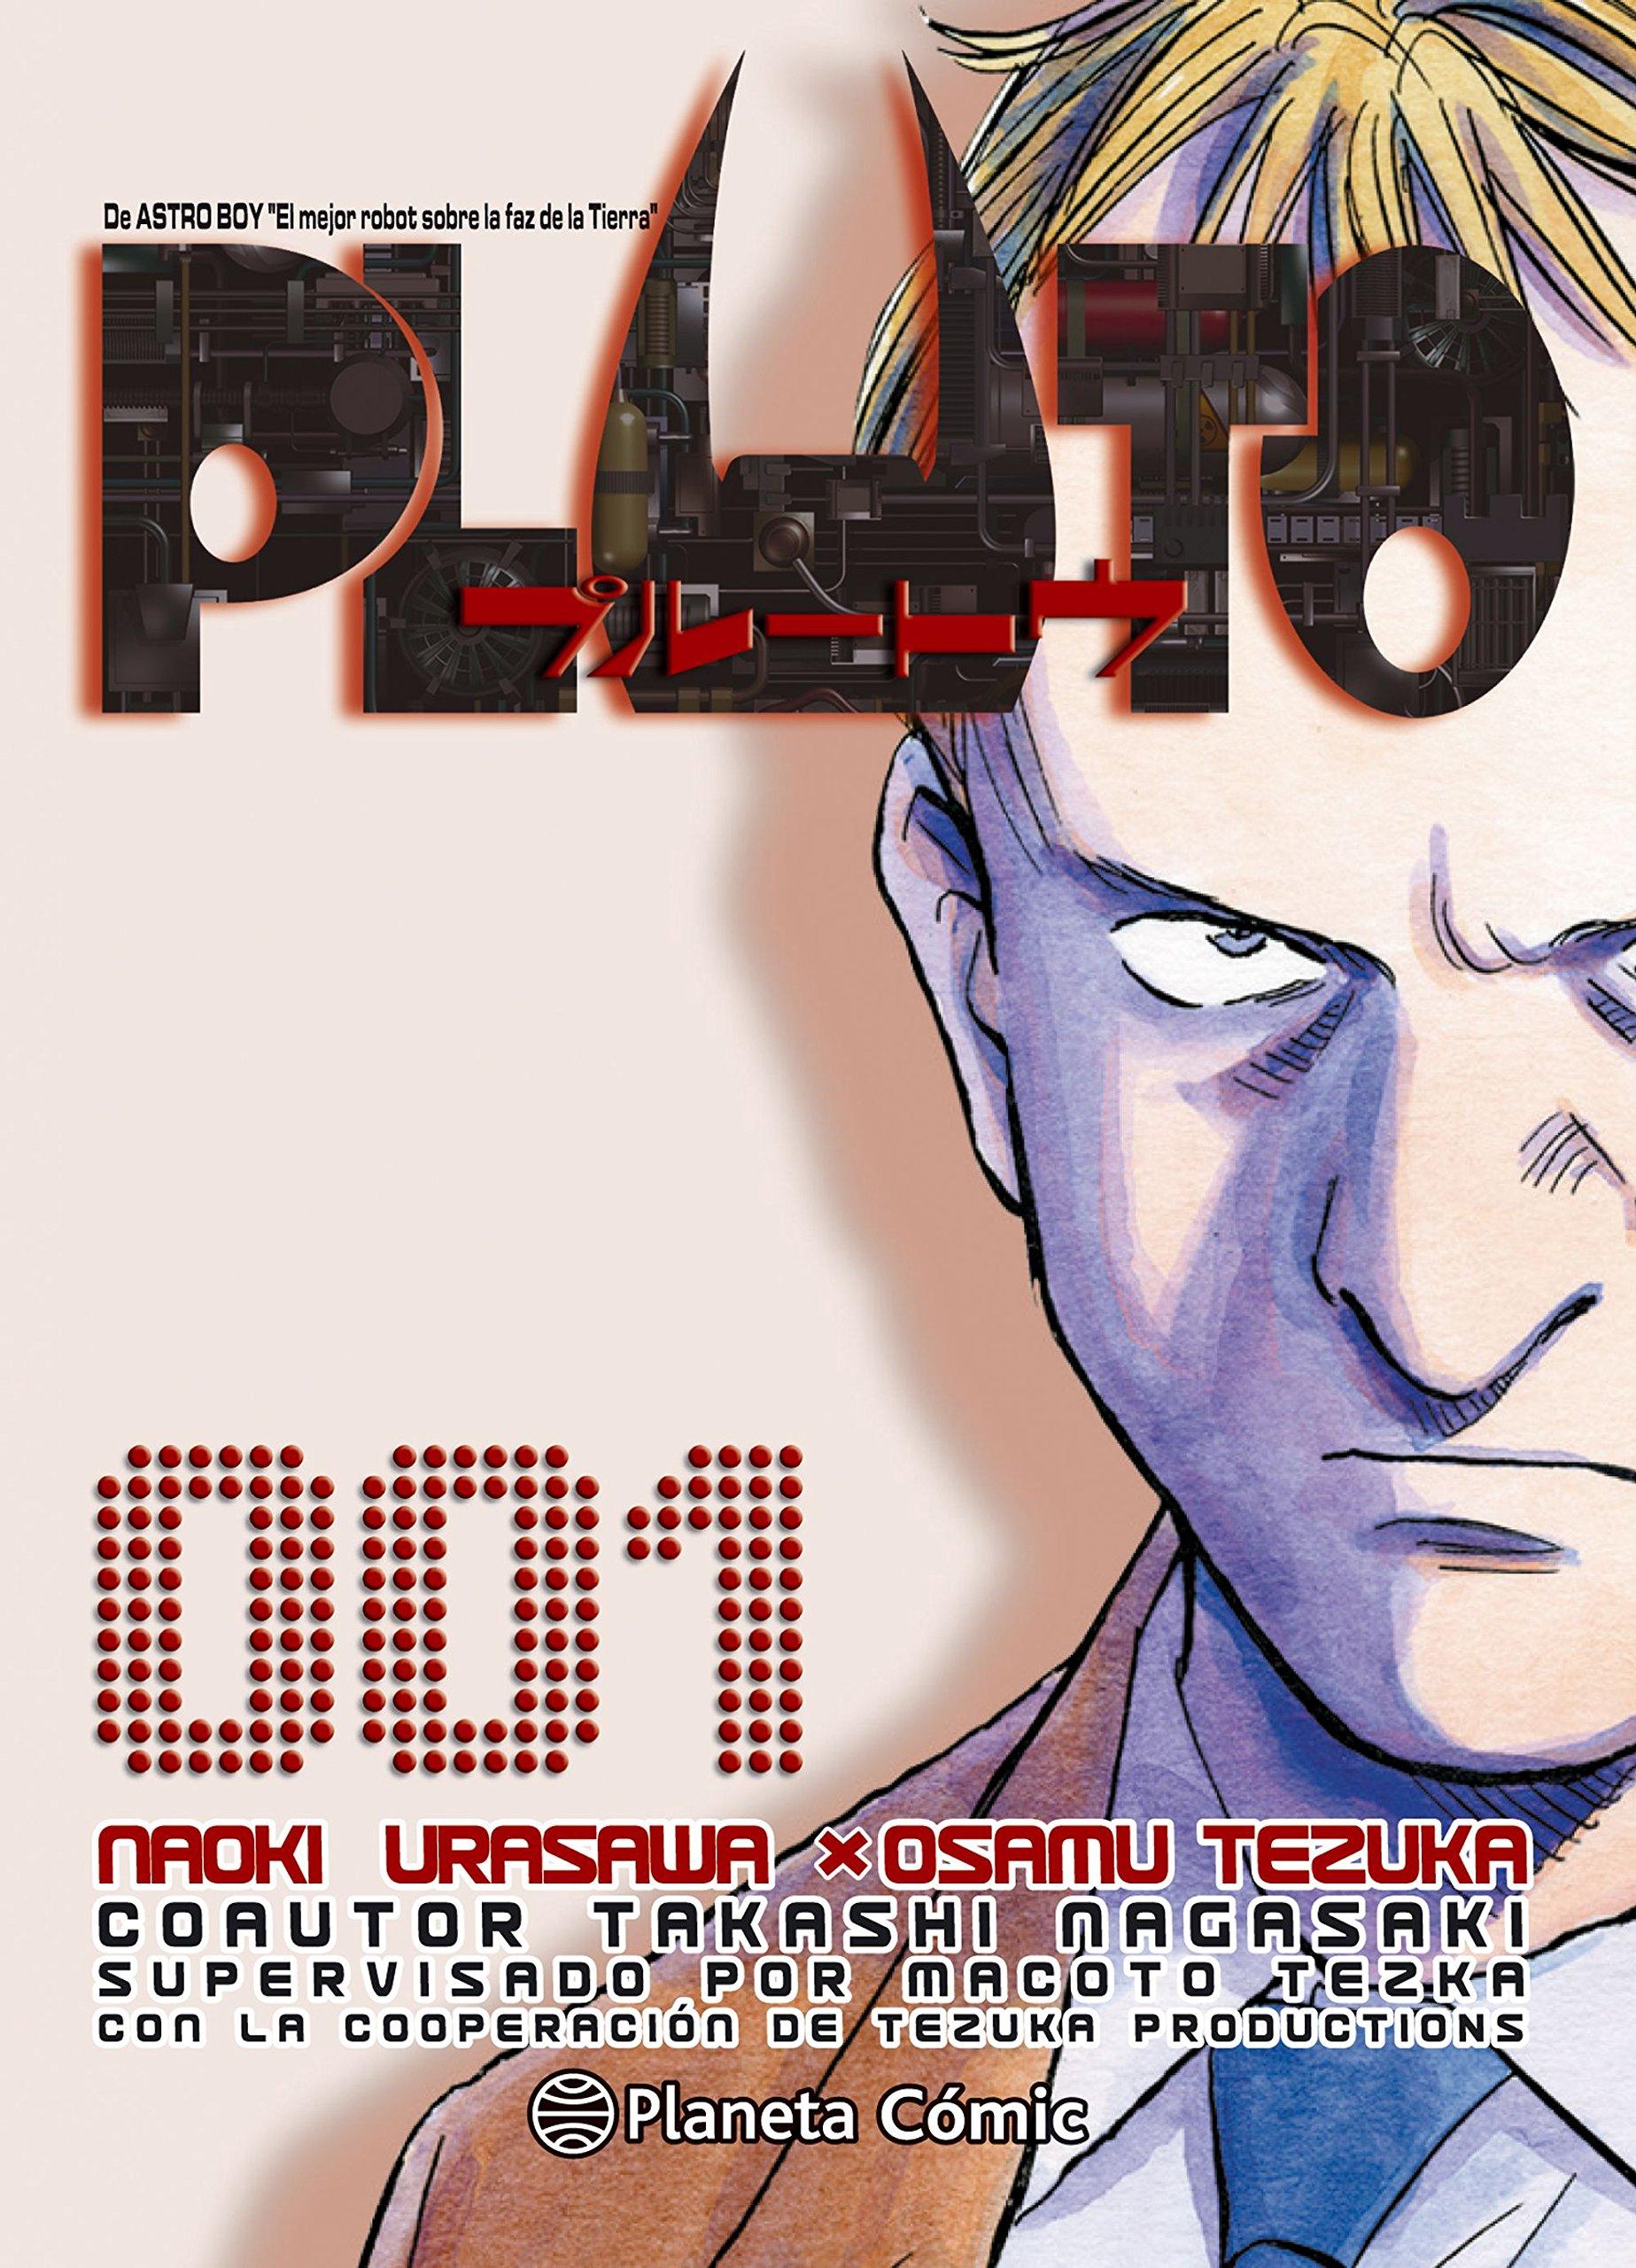 Pluto nº 01/08 (Nueva edición) (Manga Seinen): Amazon.es: Urasawa, Naoki, Tezuka, Osamu, Nagasaki, Takashi, Daruma: Libros